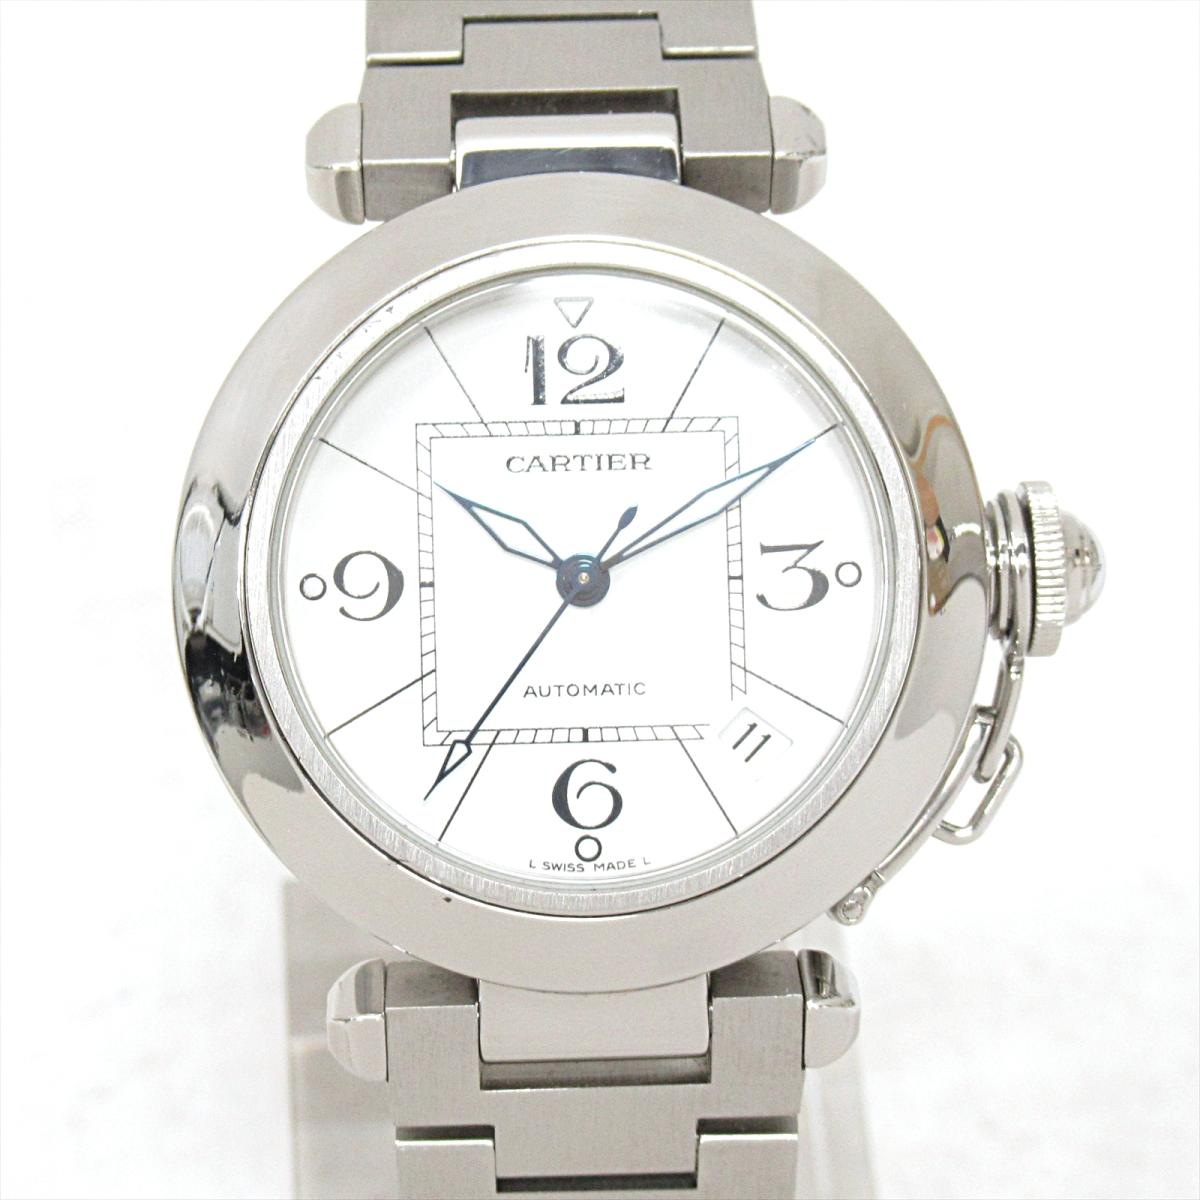 ≪期間限定≫メルマガ登録でクーポンGET! 【中古】 カルティエ パシャ 腕時計 ウォッチ メンズ ステンレススチール (SS) | Cartier BRANDOFF ブランドオフ ブランド ブランド時計 ブランド腕時計 時計